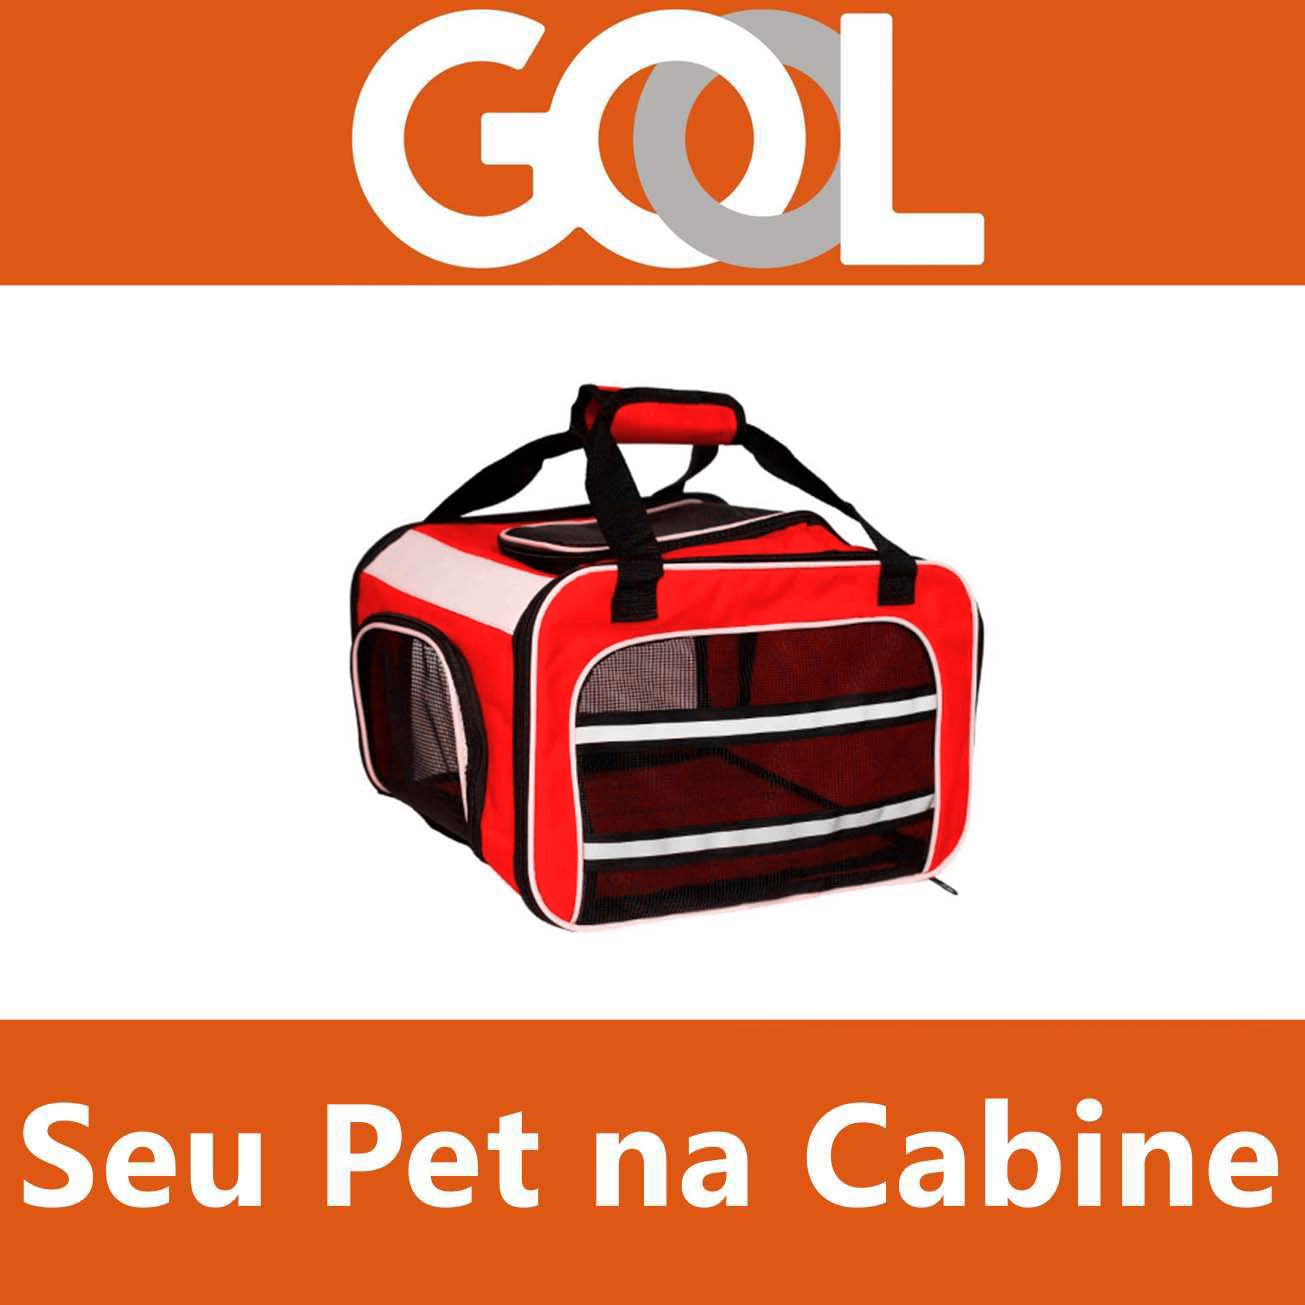 Bolsa para Transportar seu Pet na Cabine do Avião - Cia GOL - Eleva Mundi - (Cor Vermelha)